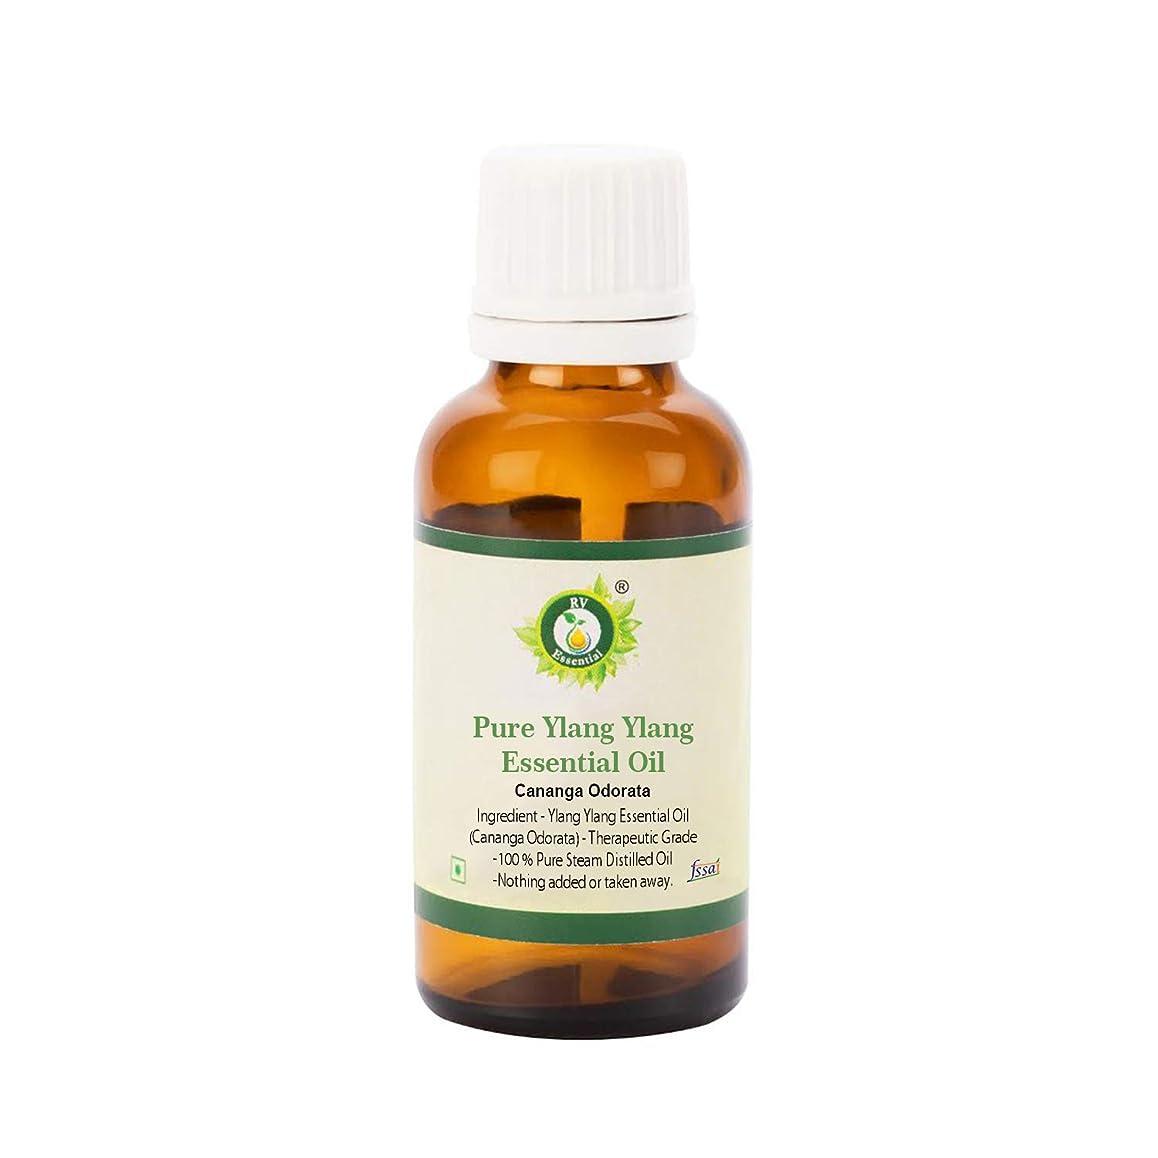 ぼろ卵病弱R V Essential ピュアイランイランエッセンシャルオイル10ml (0.338oz)- Cananga Odorata (100%純粋&天然スチームDistilled) Pure Ylang Ylang Essential Oil